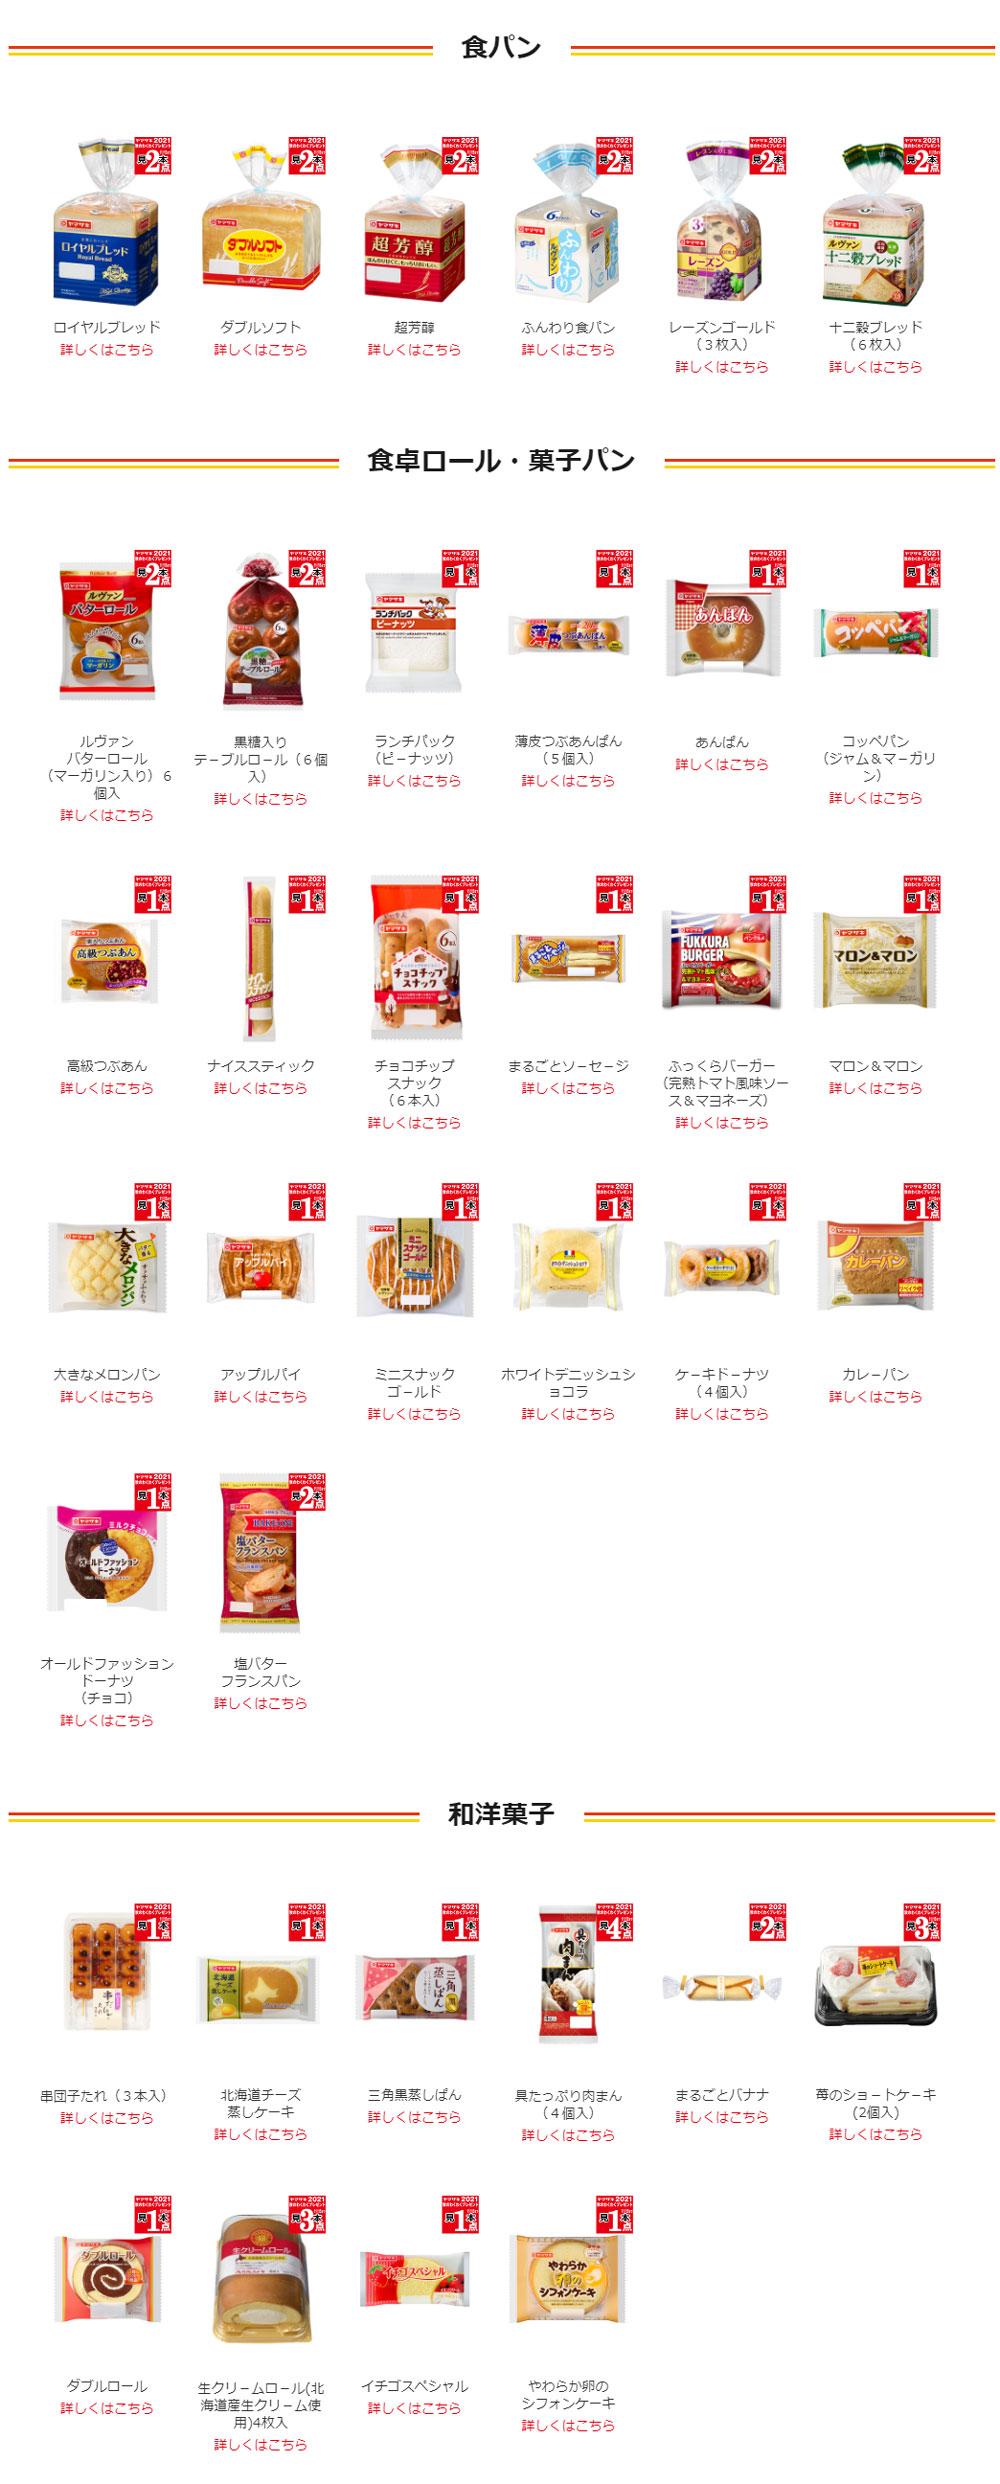 ヤマザキパン 懸賞キャンペーン2021秋  対象商品